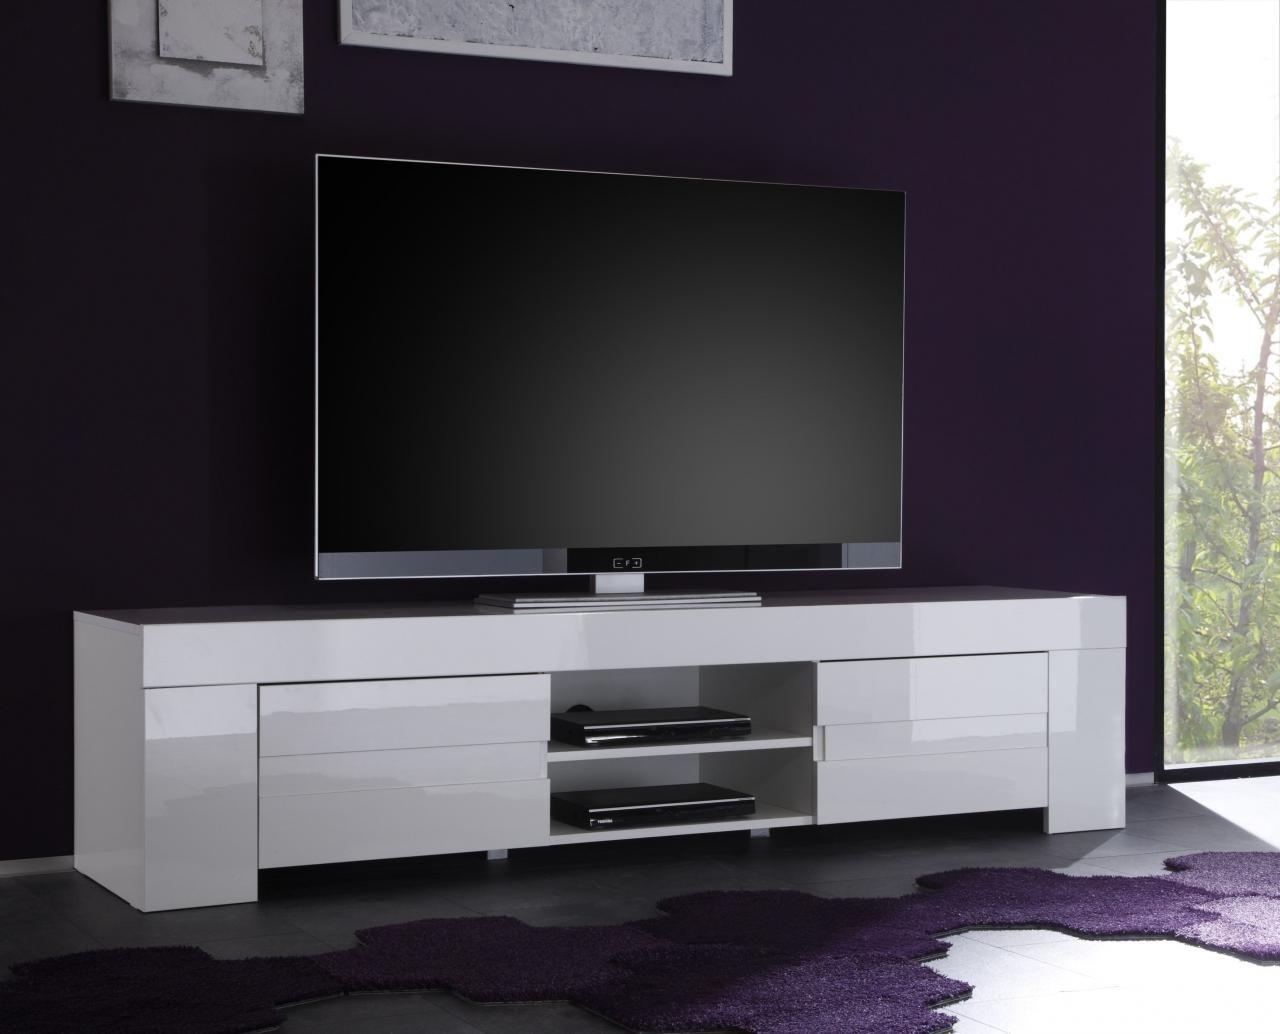 Resultats De Recherche D Images Pour Meuble Tv Blanc Laque